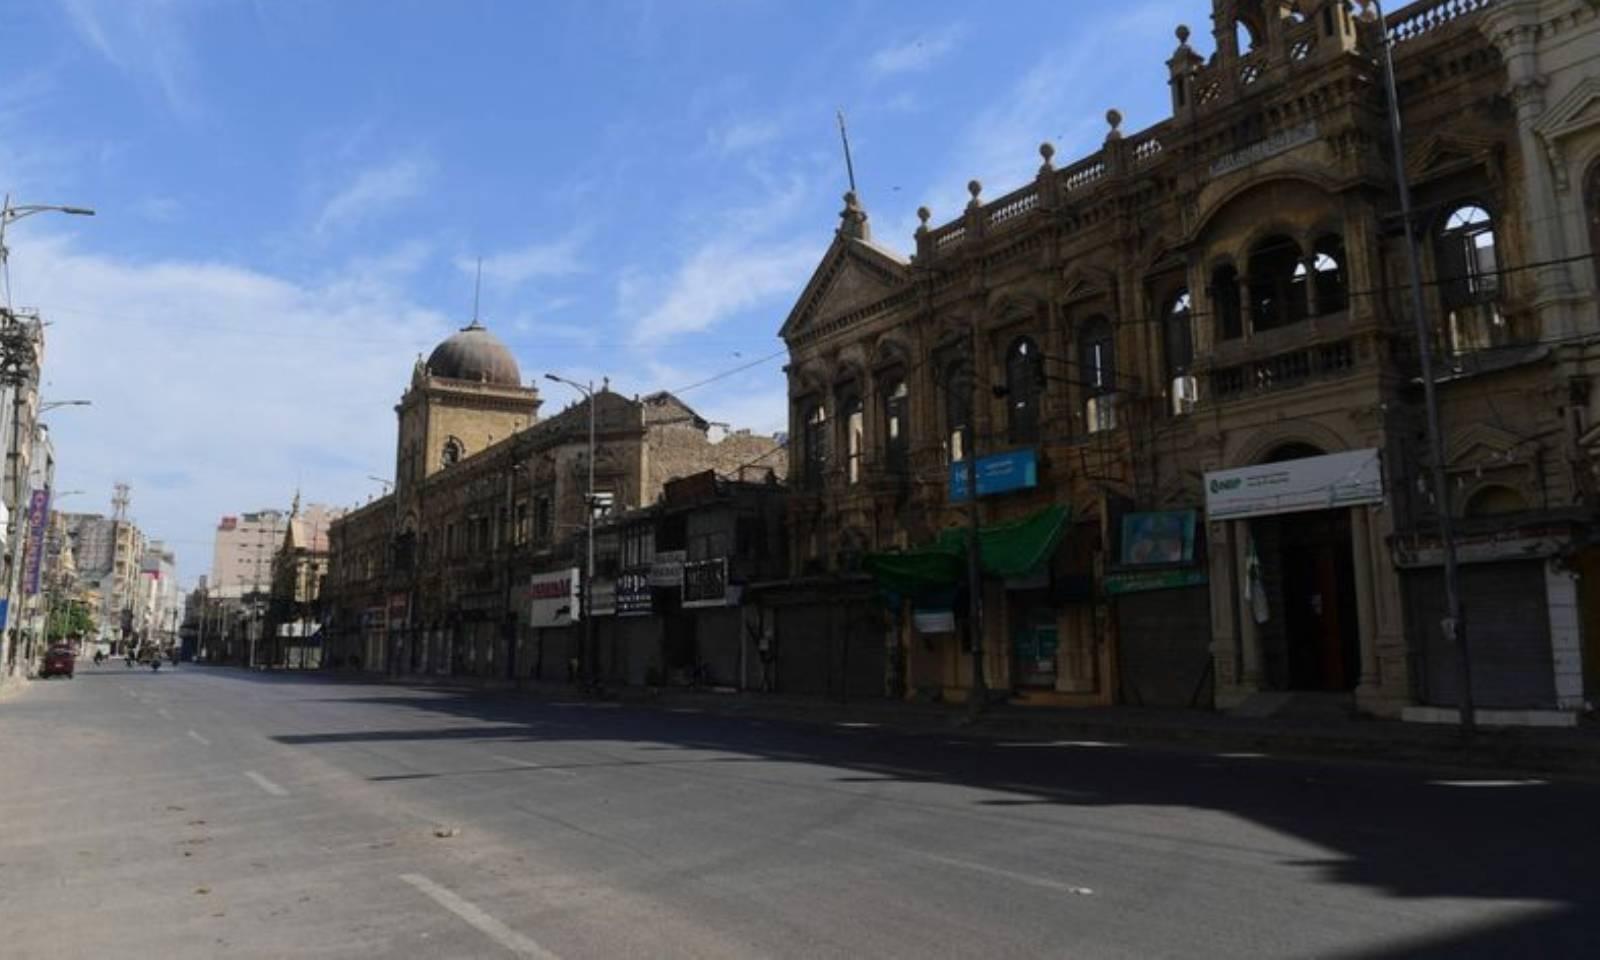 کراچی میں بھی عیدالفطر پر سخت پابندیاں نافذ کی گئی ہیں—فوٹو: اے ایف پی